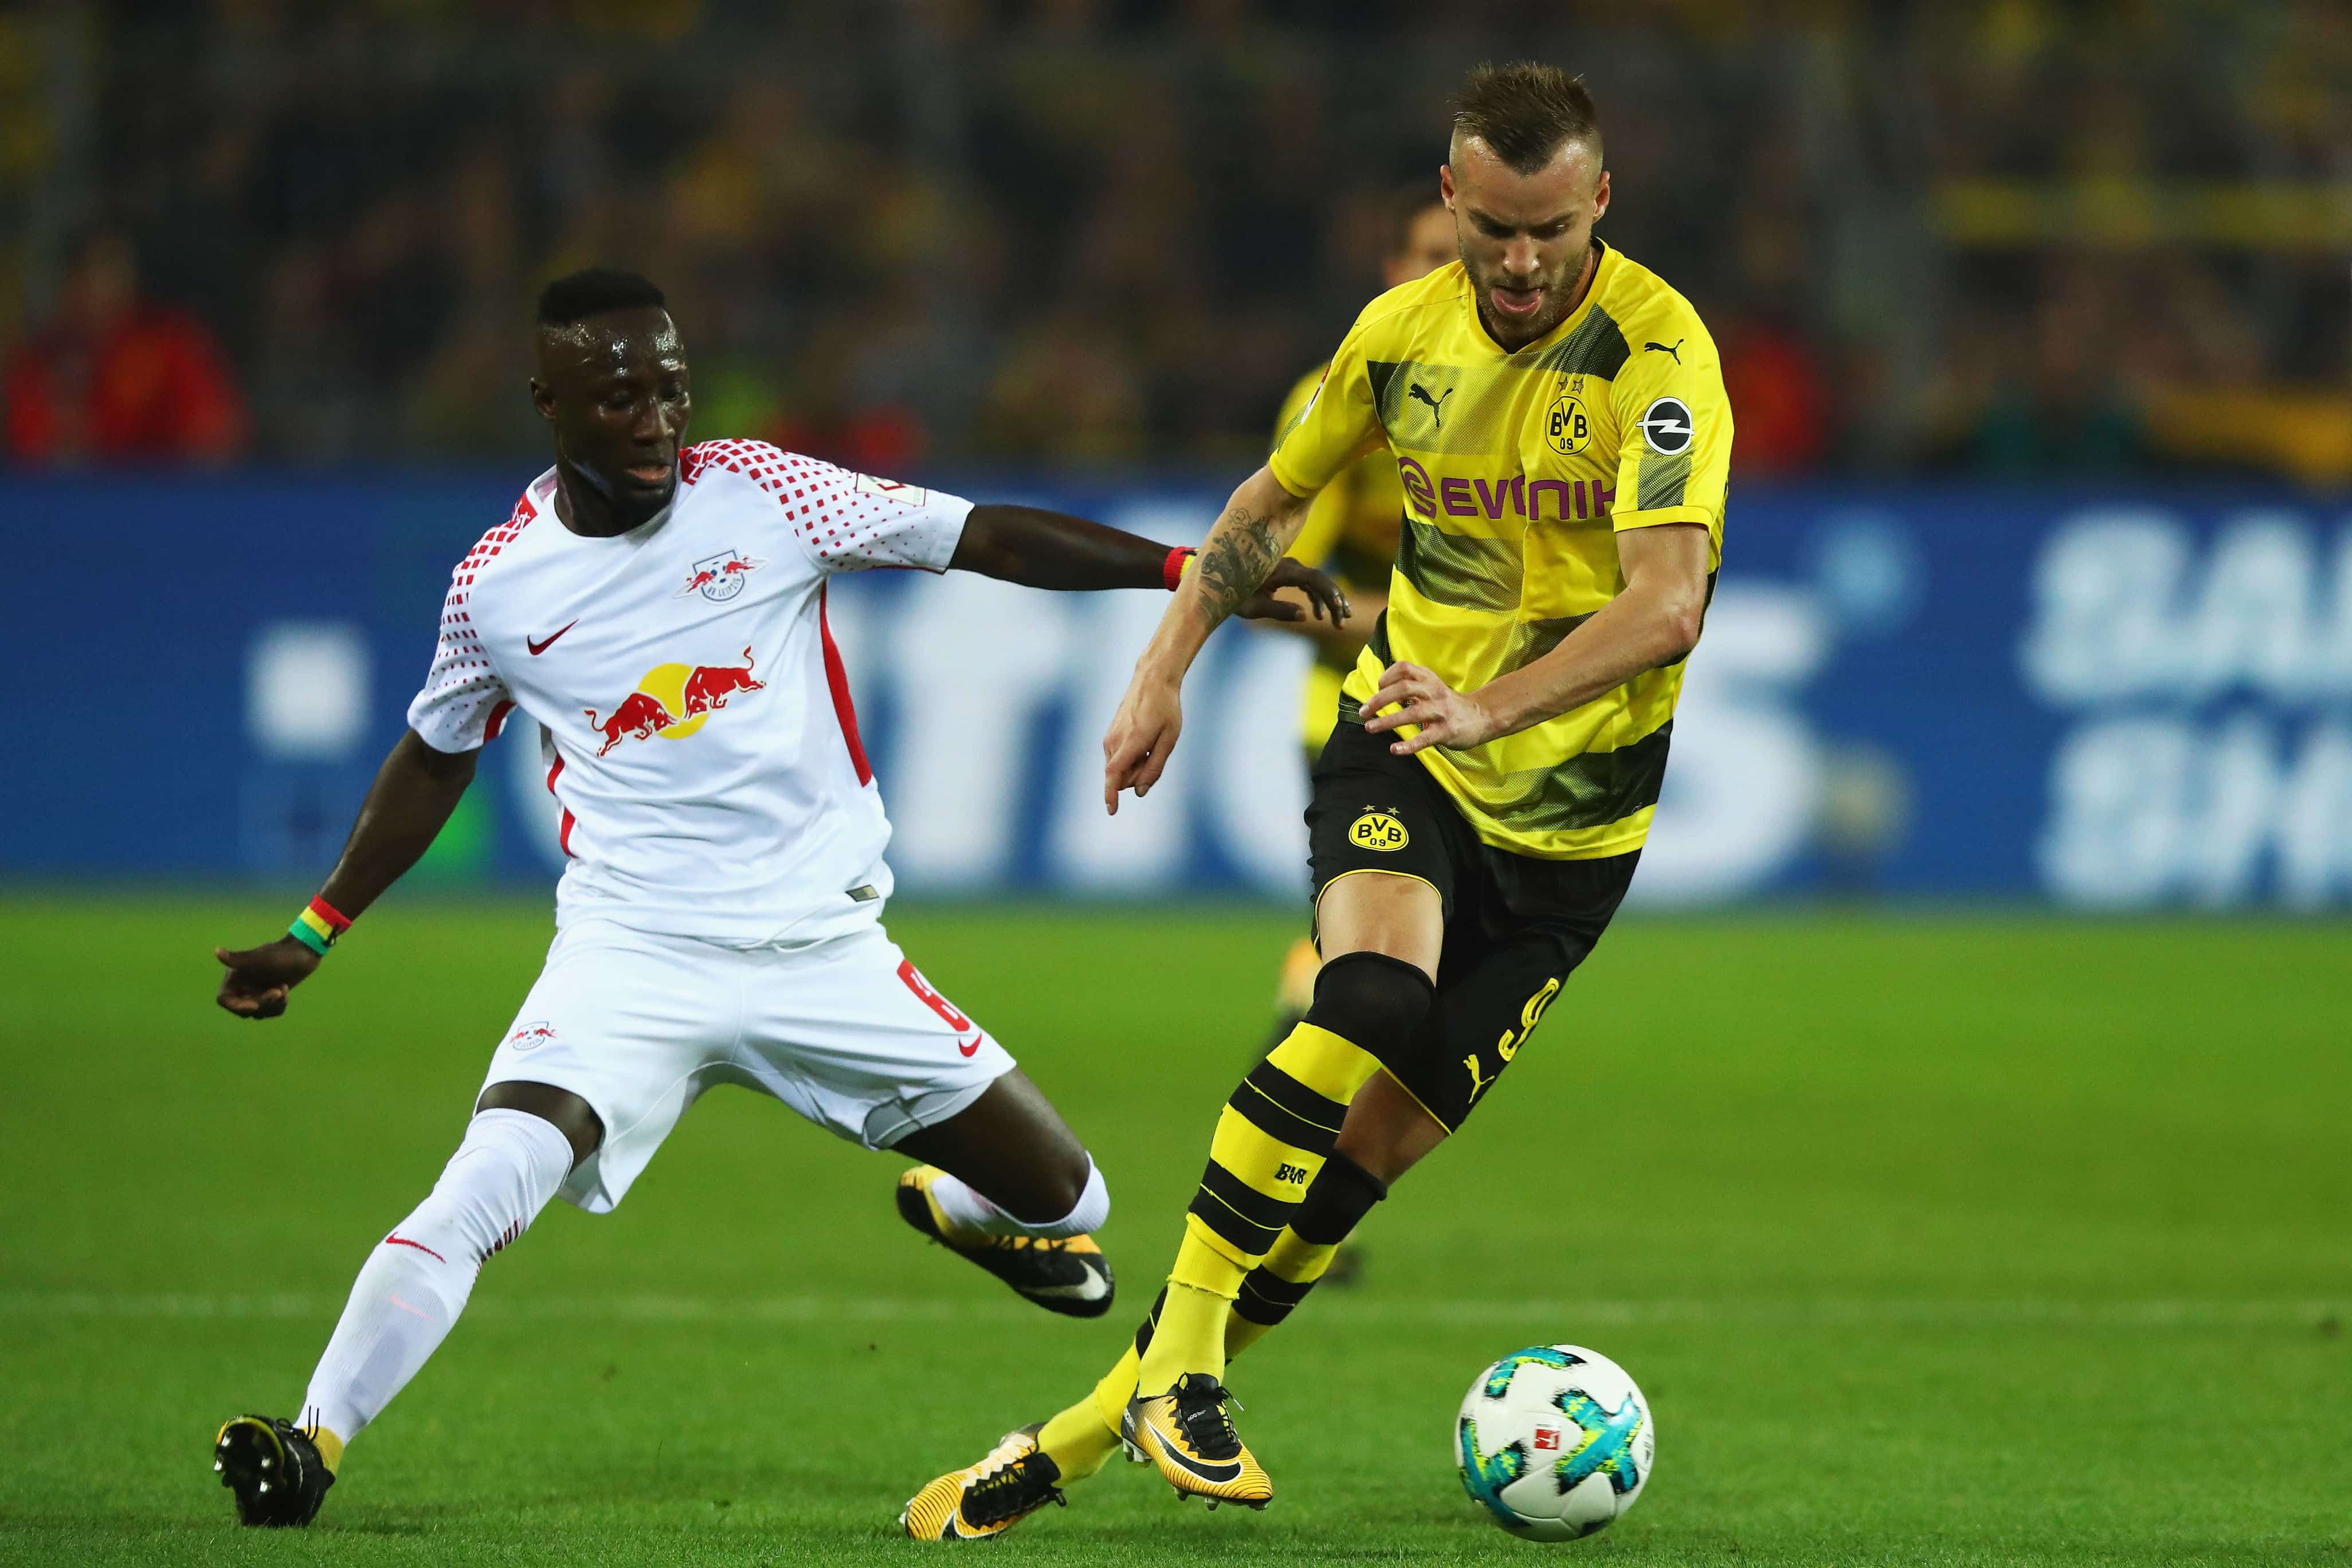 Borussia Dortmund vs Red Bull Salzburg